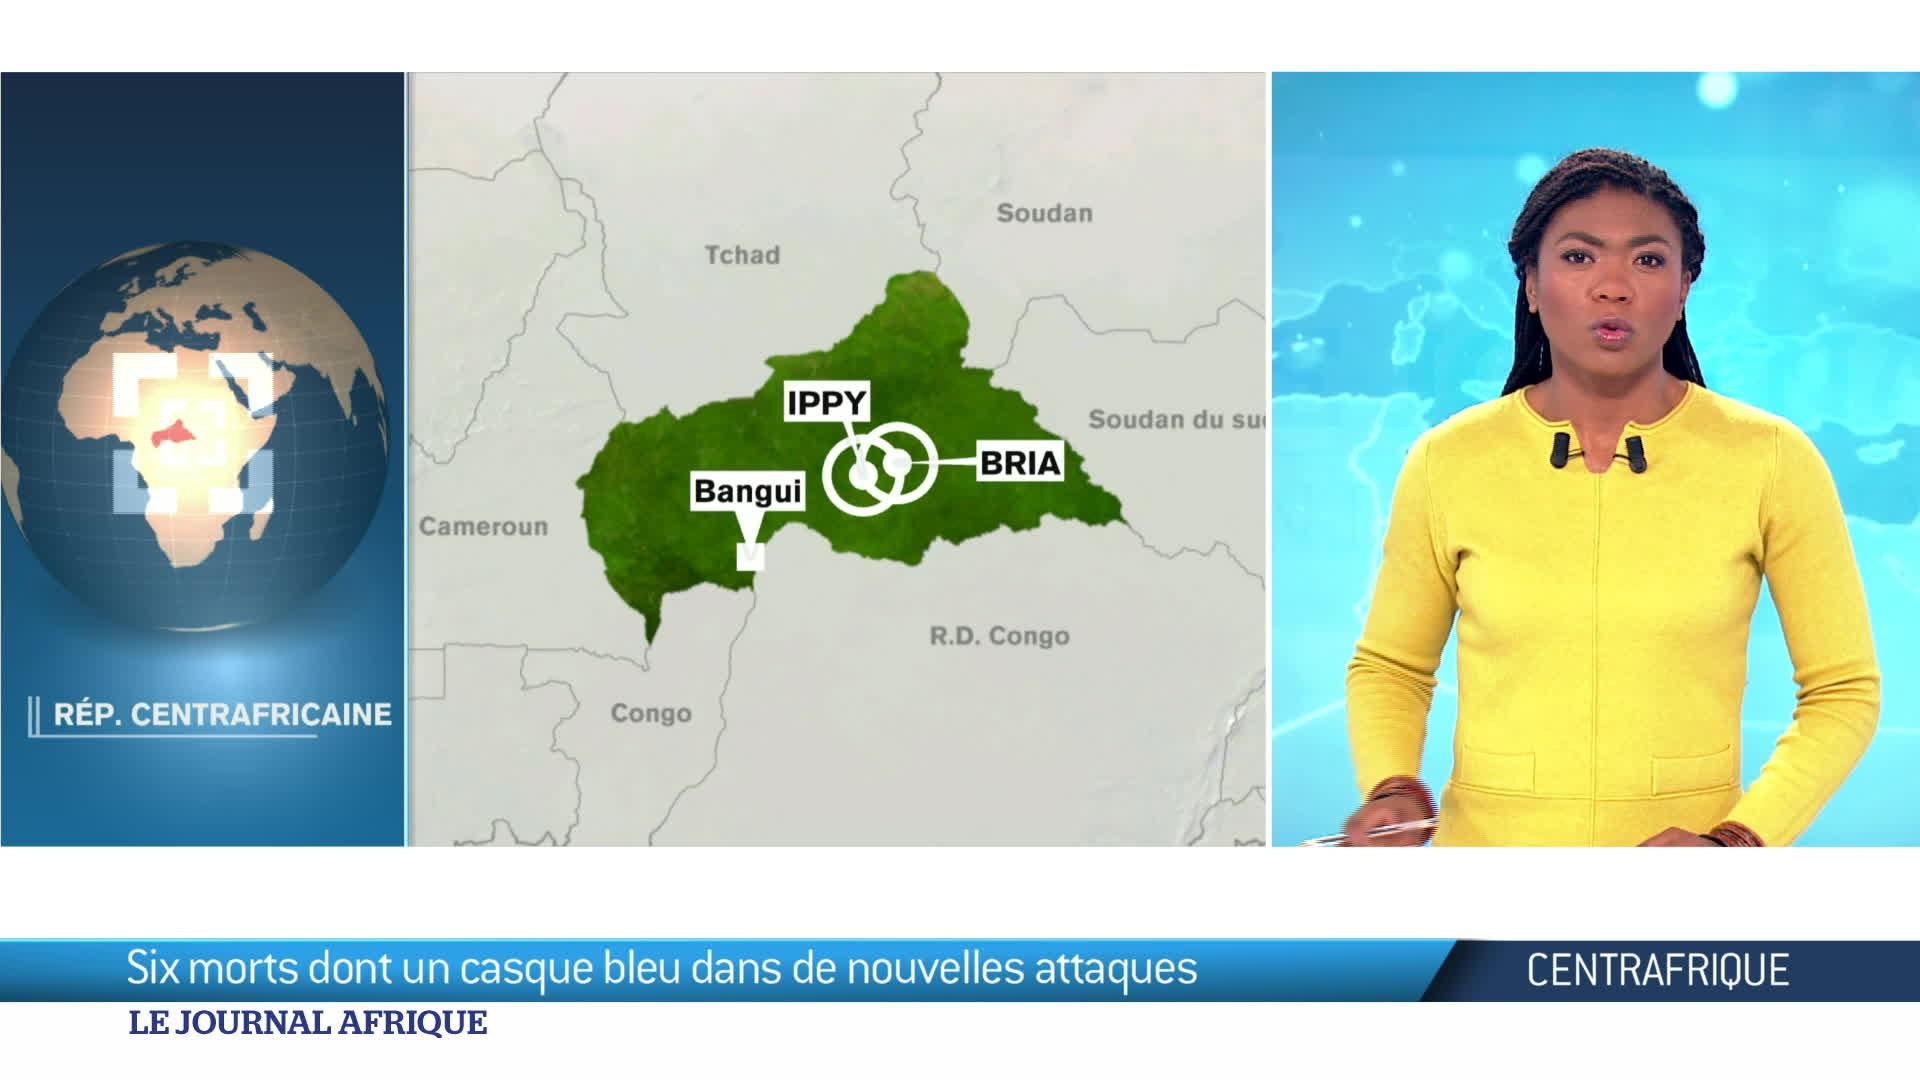 Centrafrique : 5 morts dans des affrontements entre factions rivales